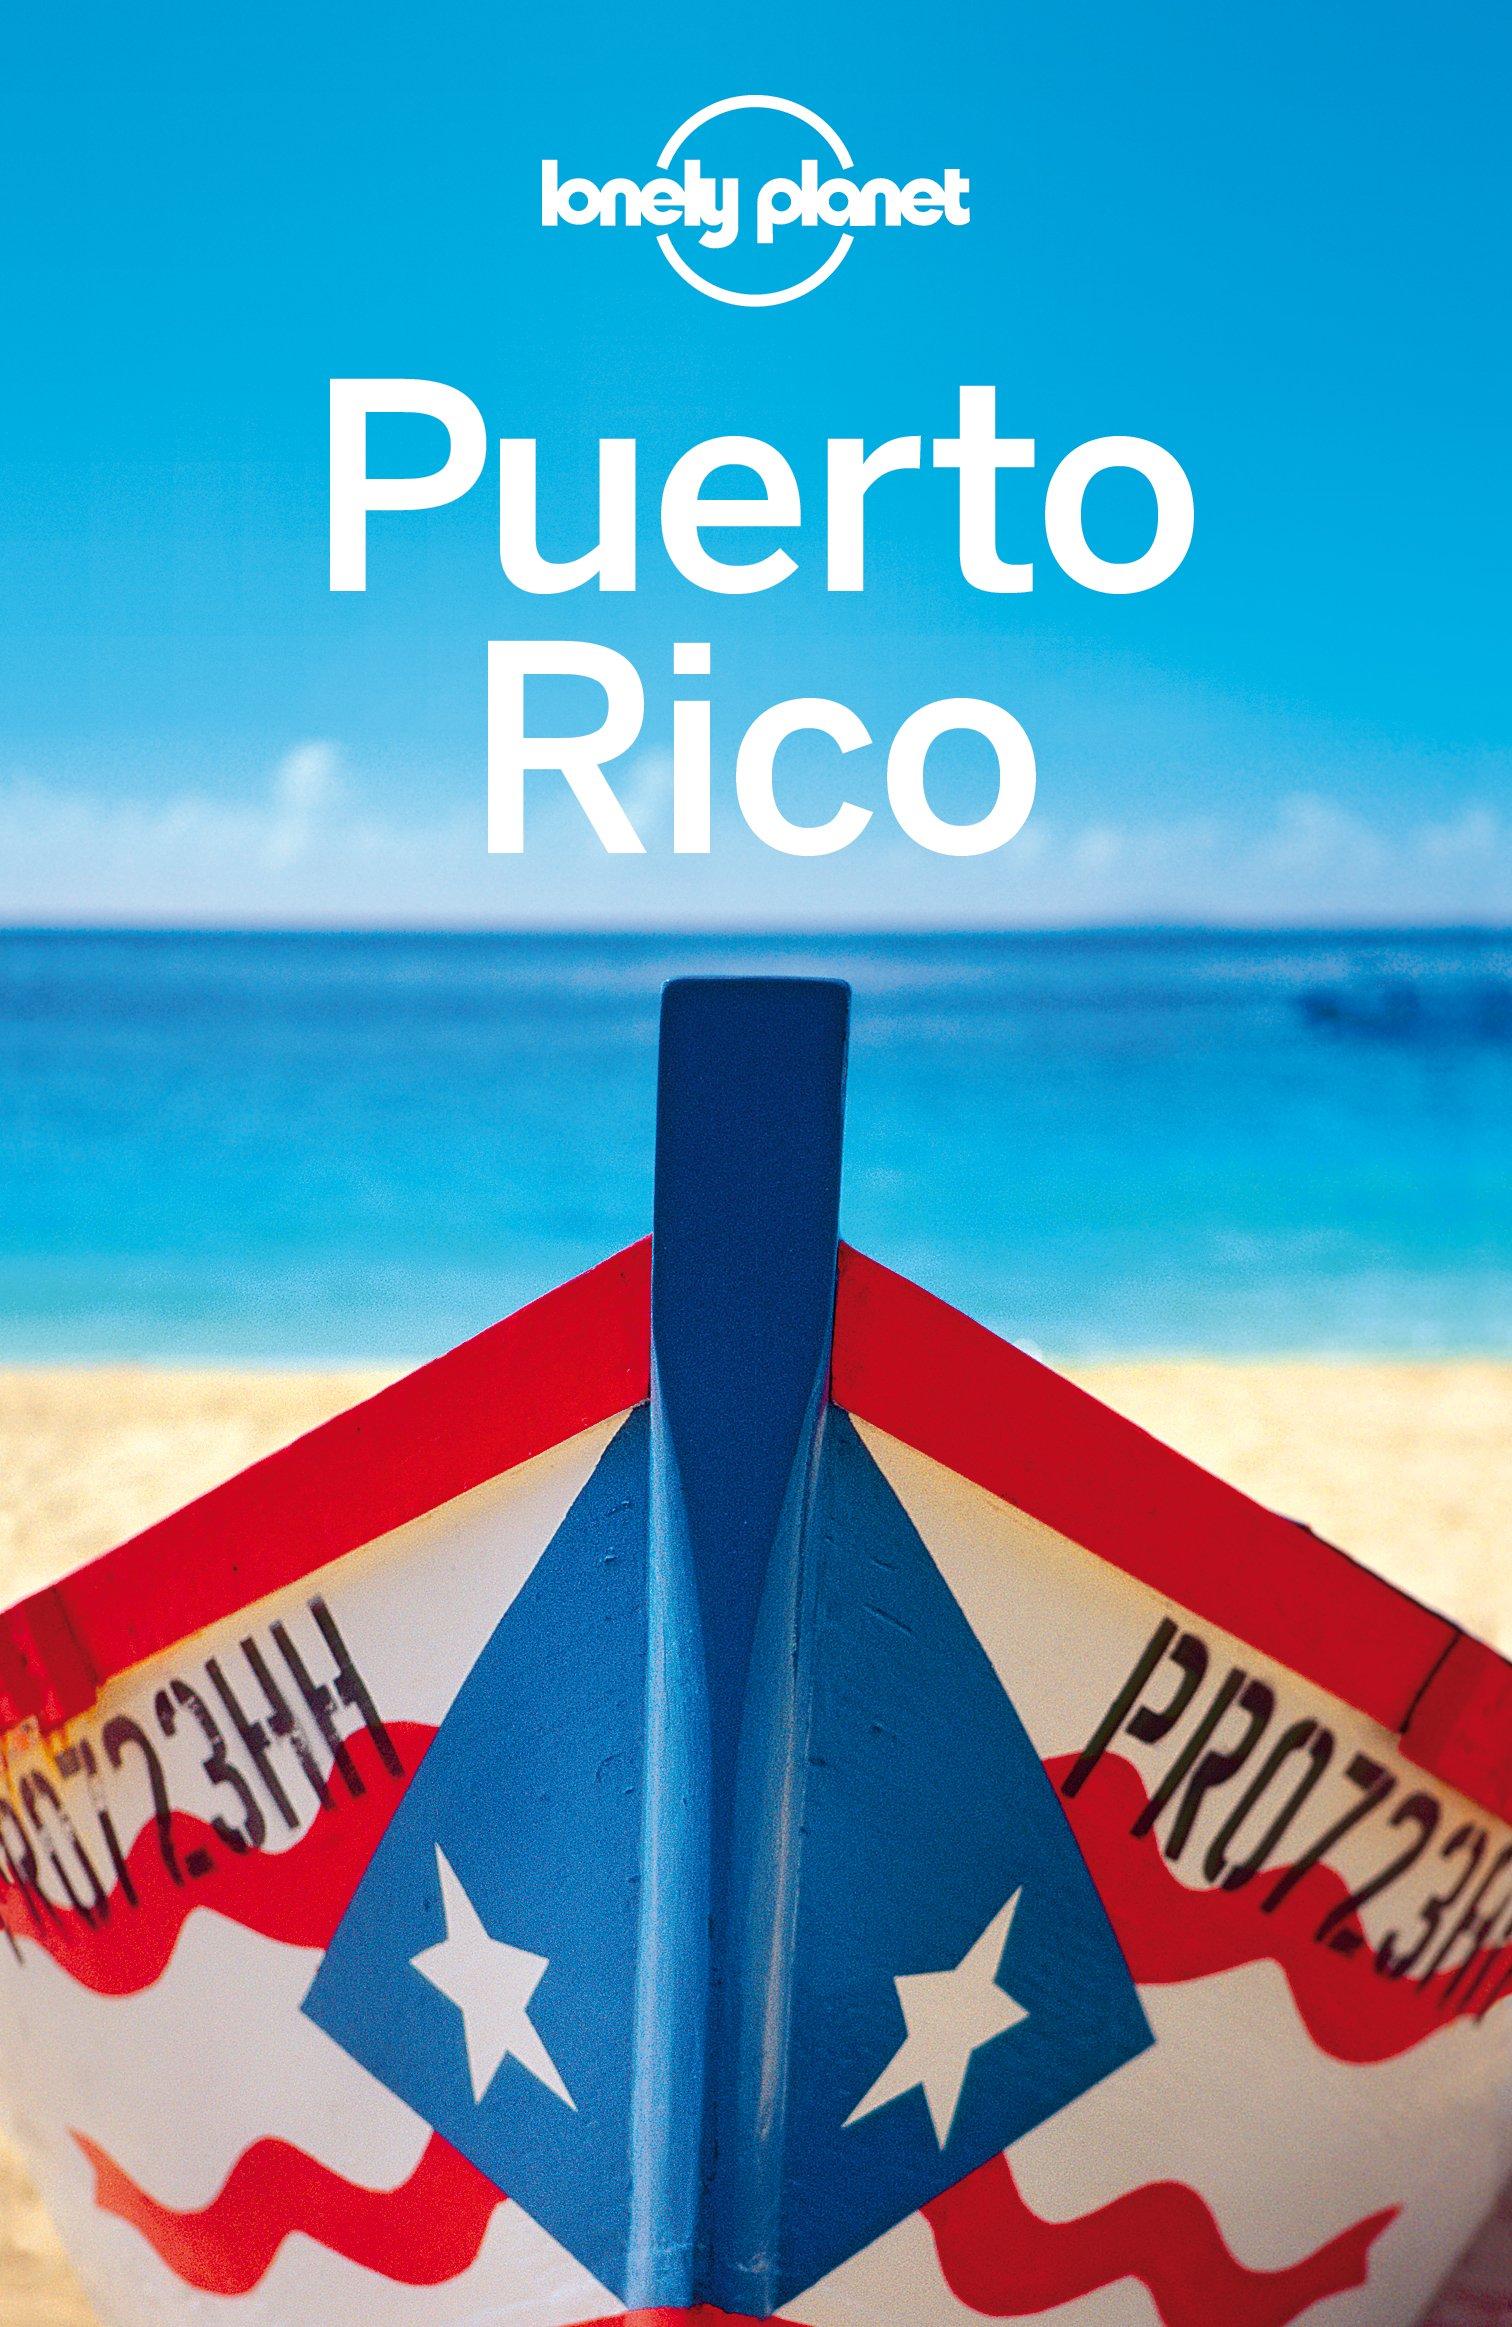 Den Beste Ferie stedet noensinne (VEL, for Romantiske par Eller de MED låven.) - Anmeldelse av Puerto